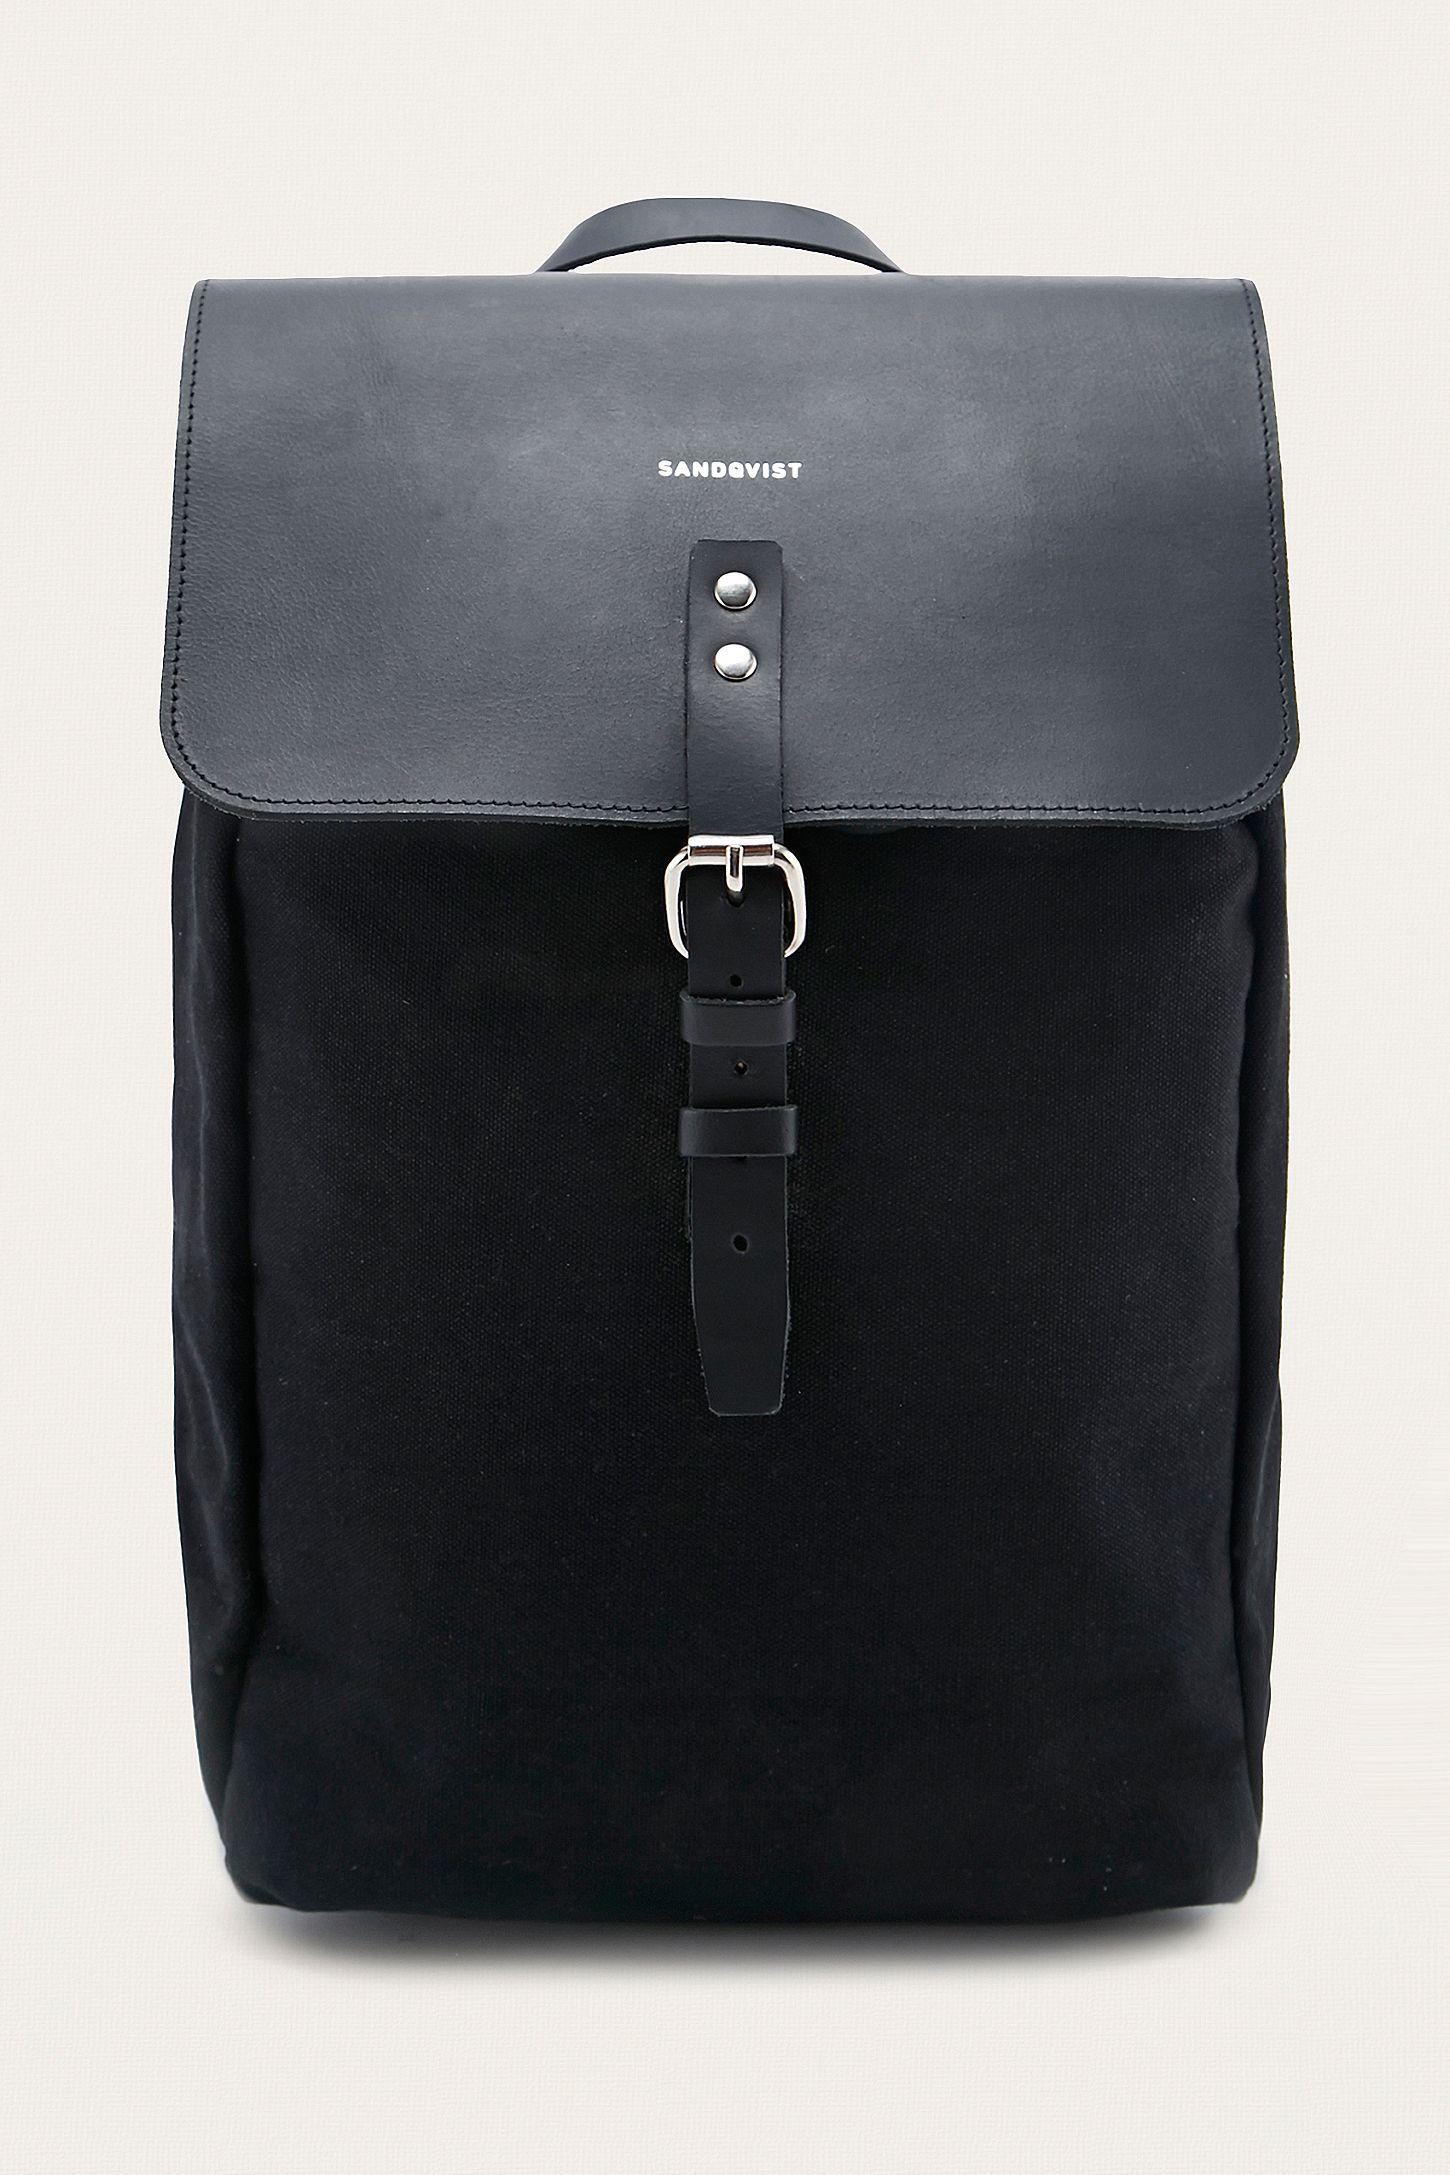 05c9a4790a Sandqvist Alva Black Backpack